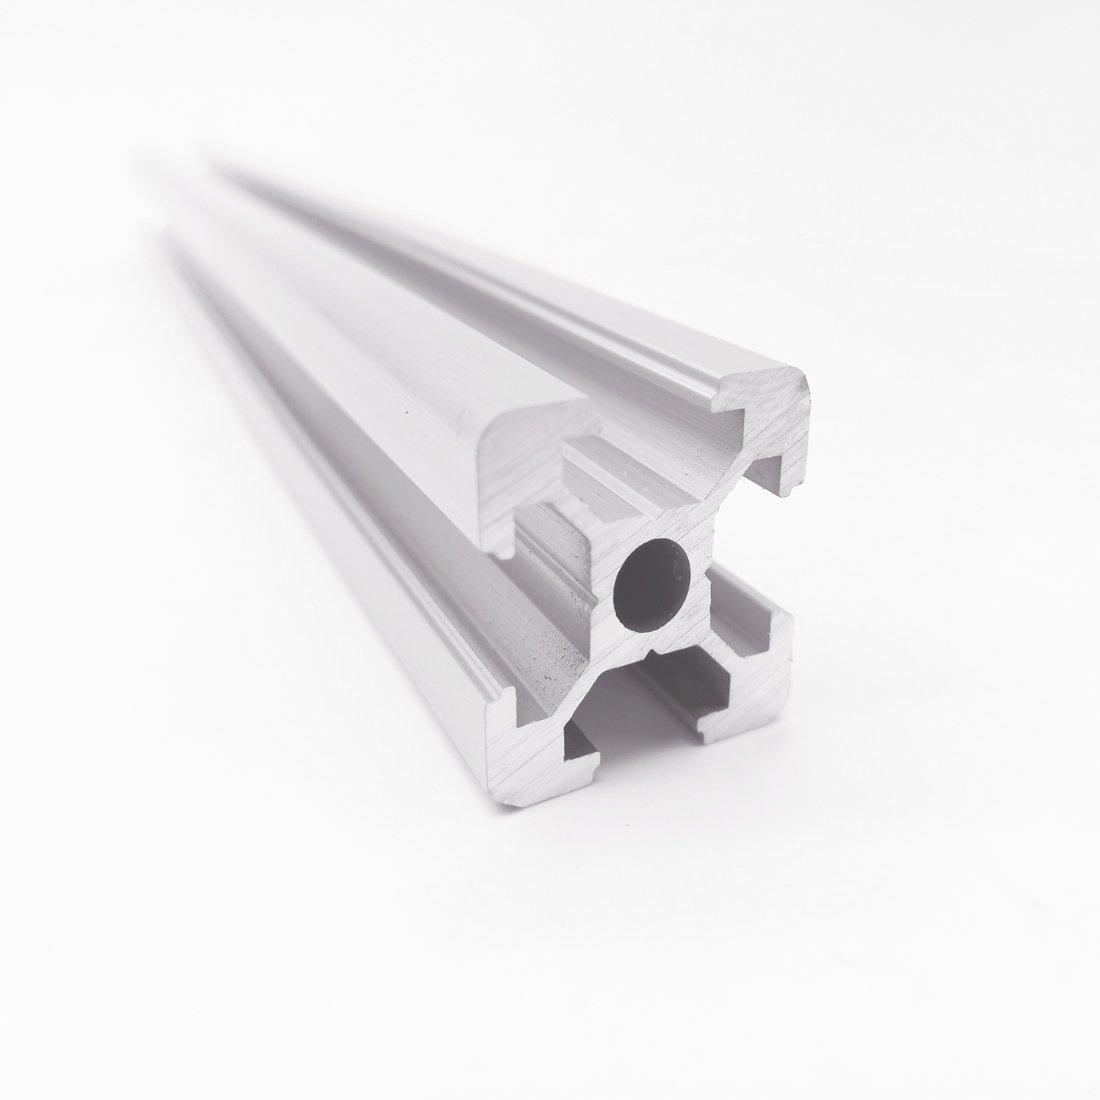 4pc 2020 400mm CNC 3D Printer Parts European Standard Anodized Linear Rail Aluminum Profile Extrusion for DIY 3D printer